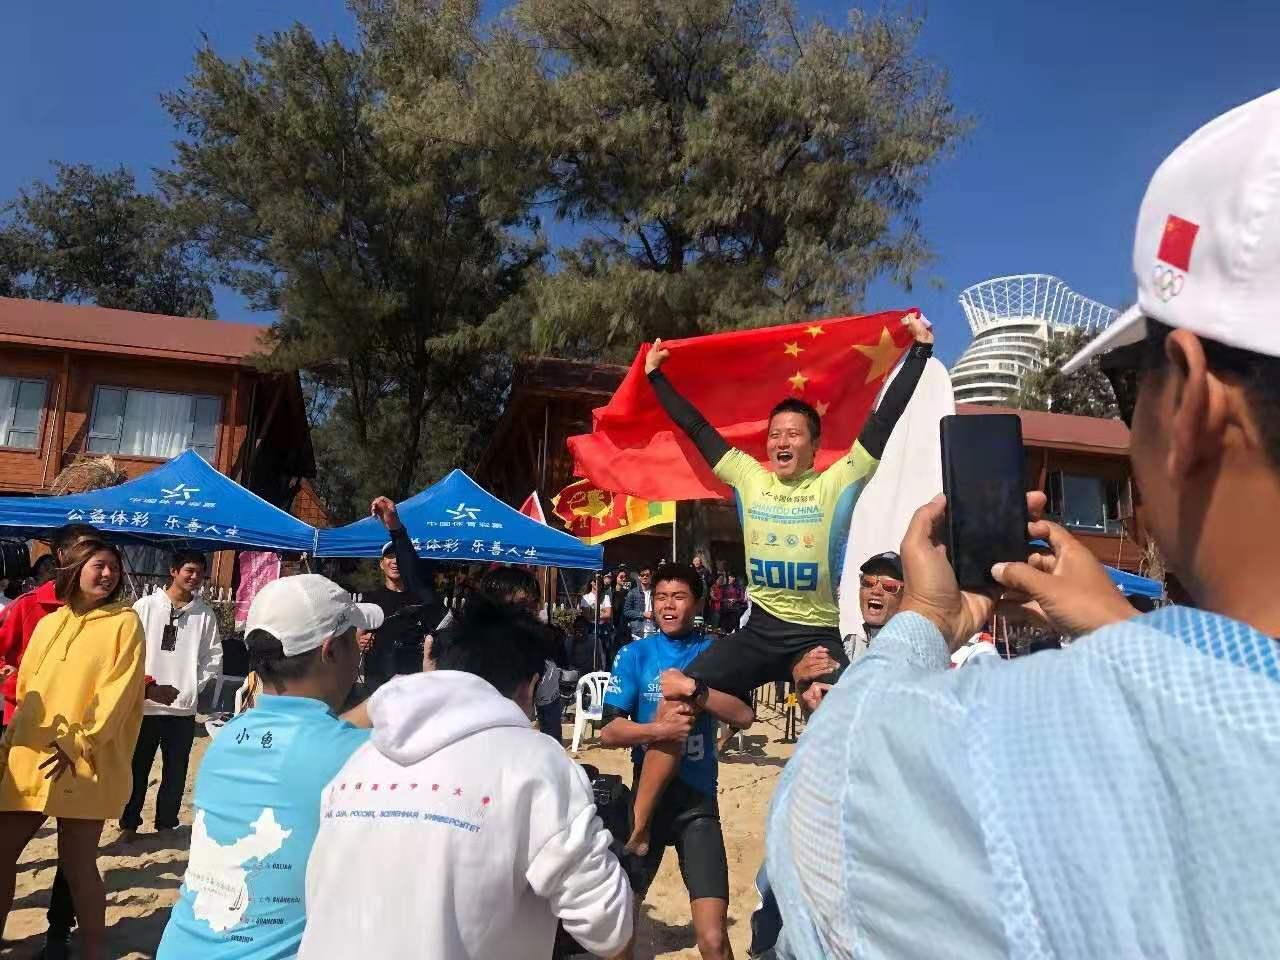 好样的!万宁选手黄玮斩获首届亚洲冲浪锦标赛男子长板冠军